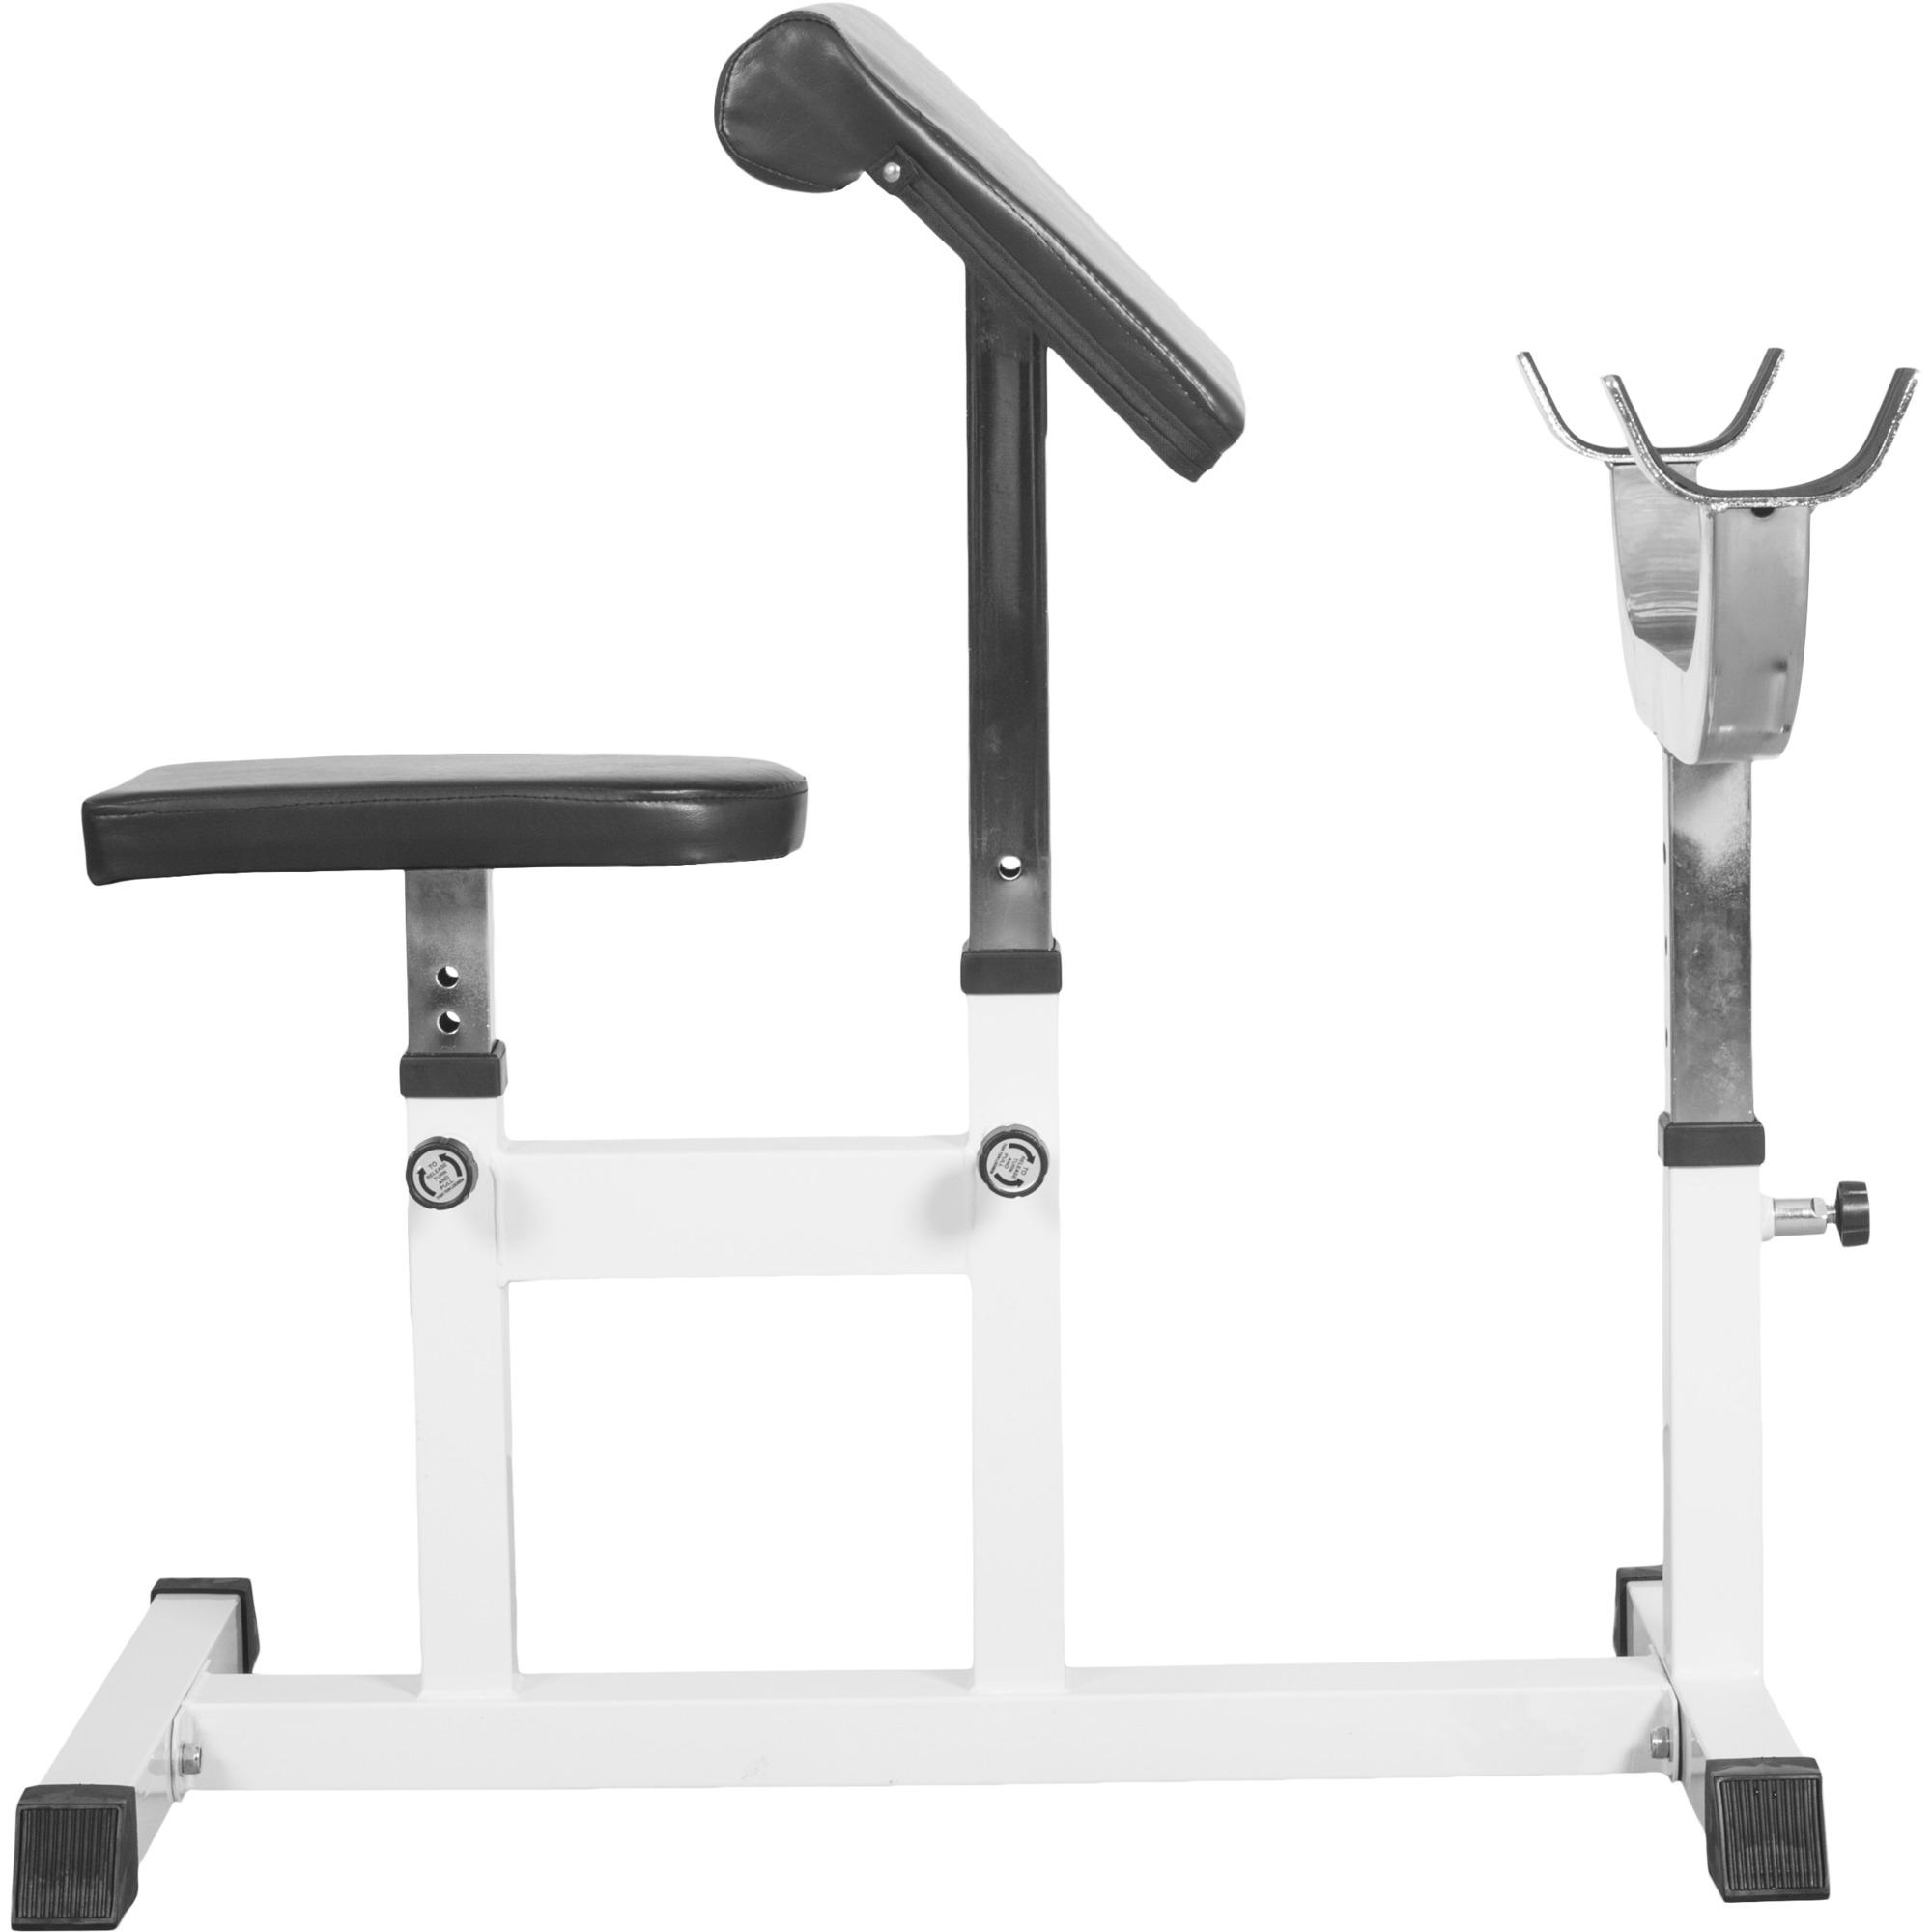 Banc de musculation curl pour entrainer les biceps gs007 preachercurlbm 526 - Banc musculation go sport ...